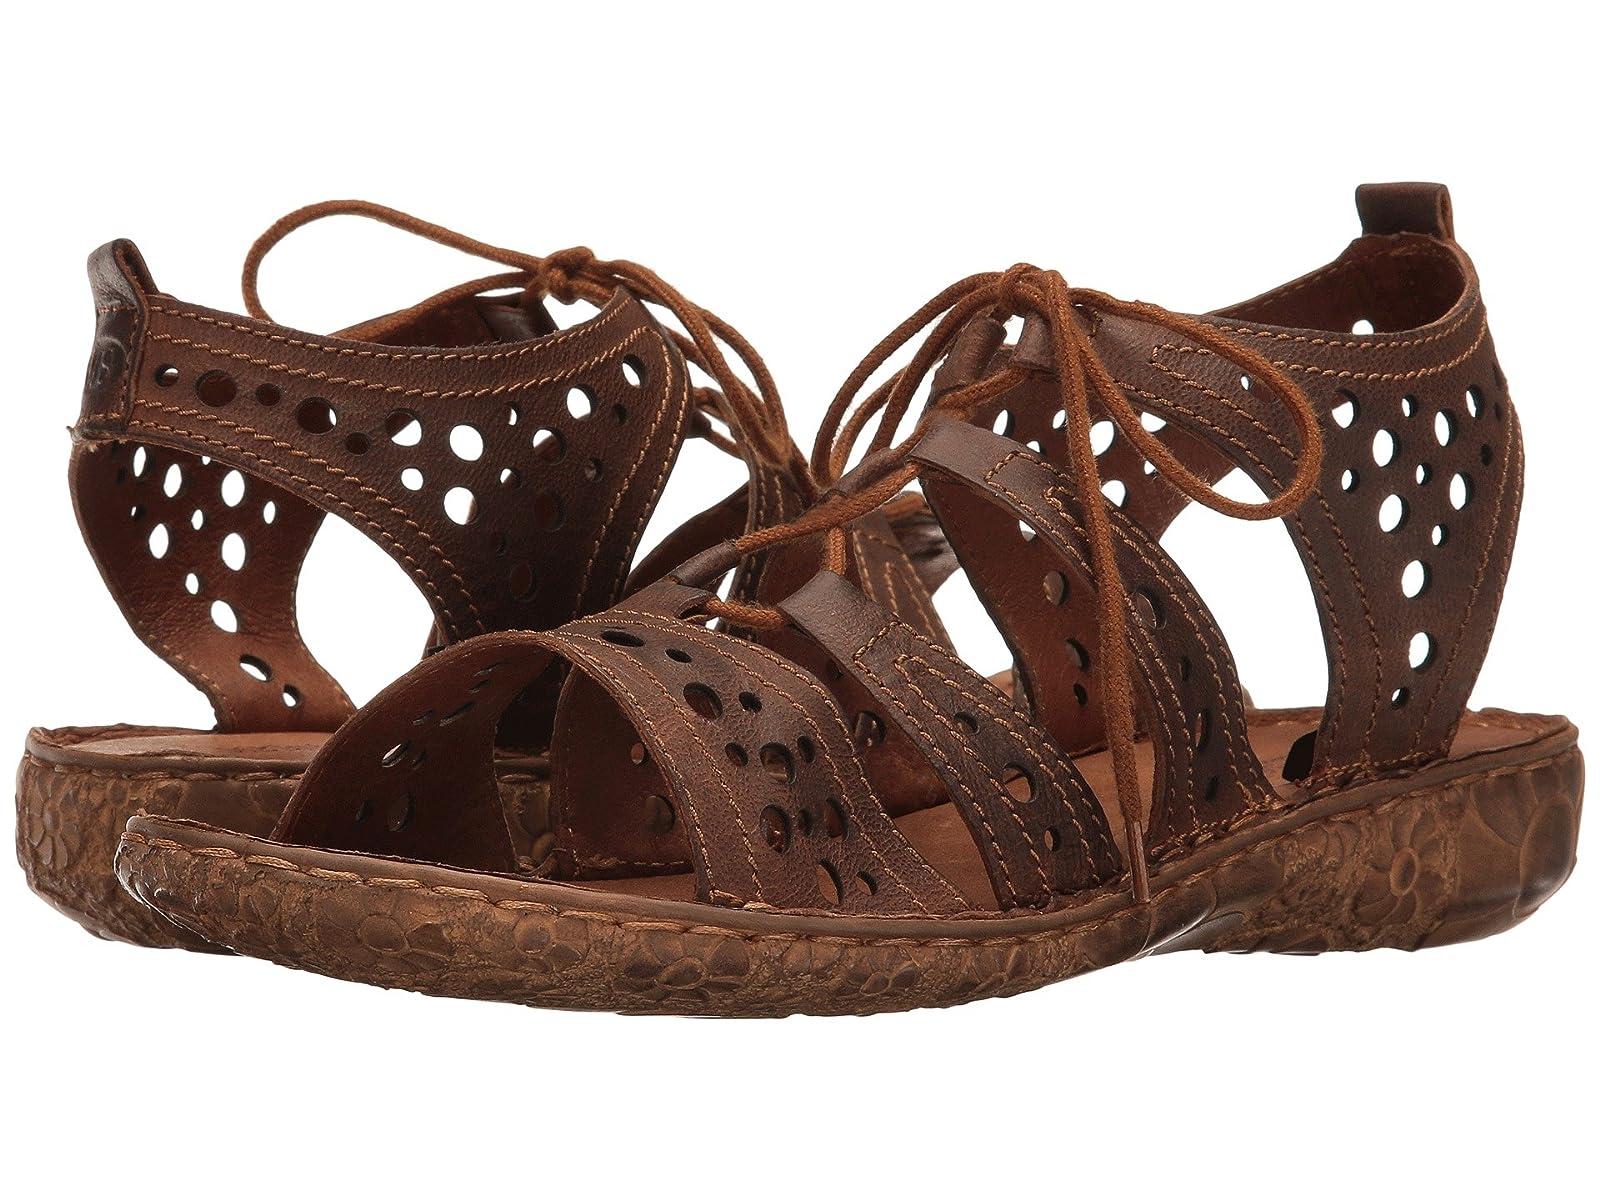 Josef Seibel Rosalie 15Atmospheric grades have affordable shoes